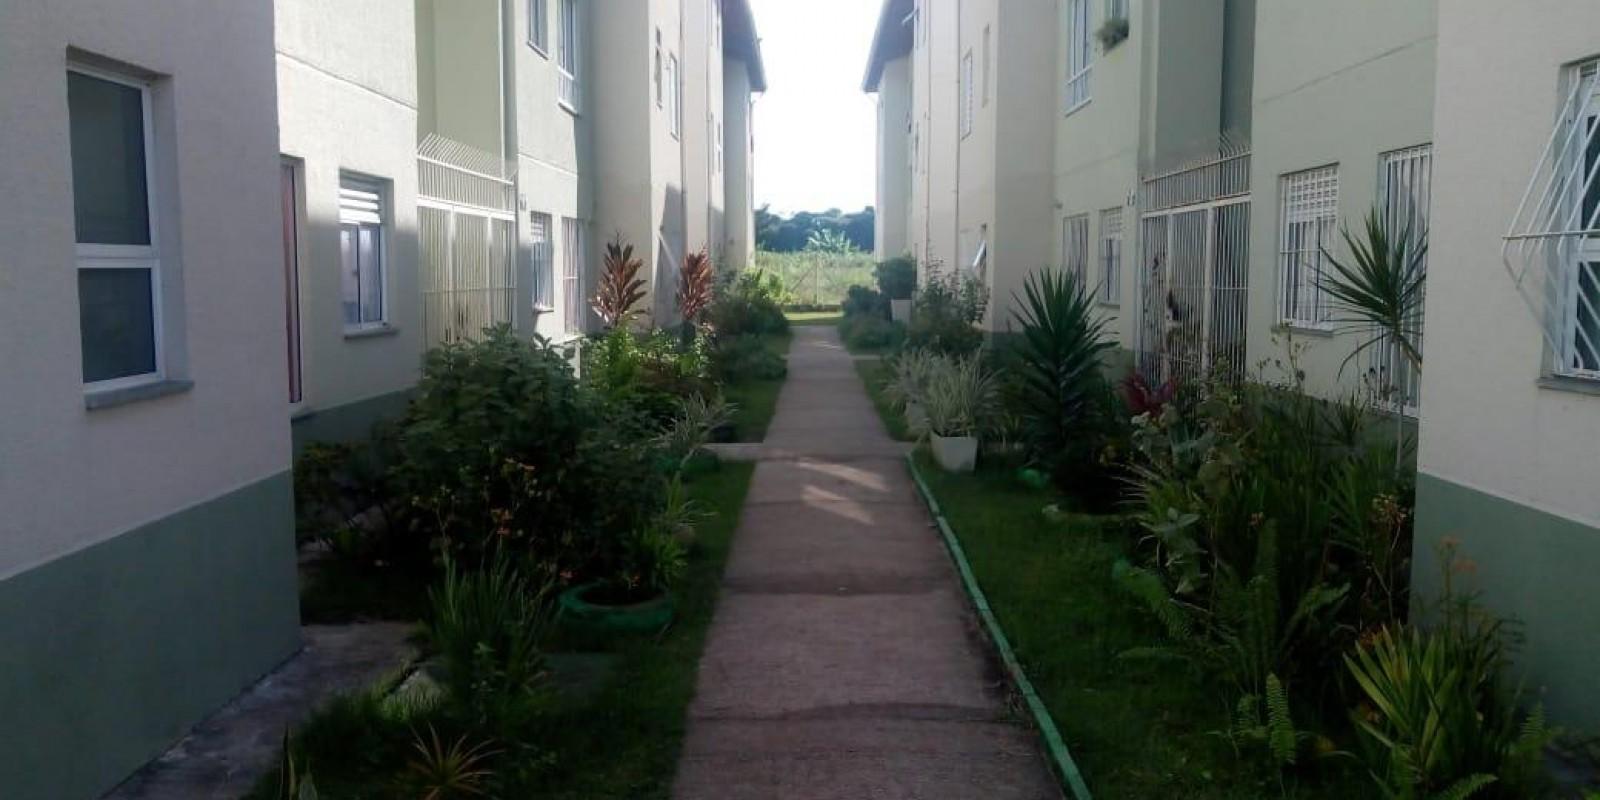 Apartamento Itanhaem - Foto 11 de 17